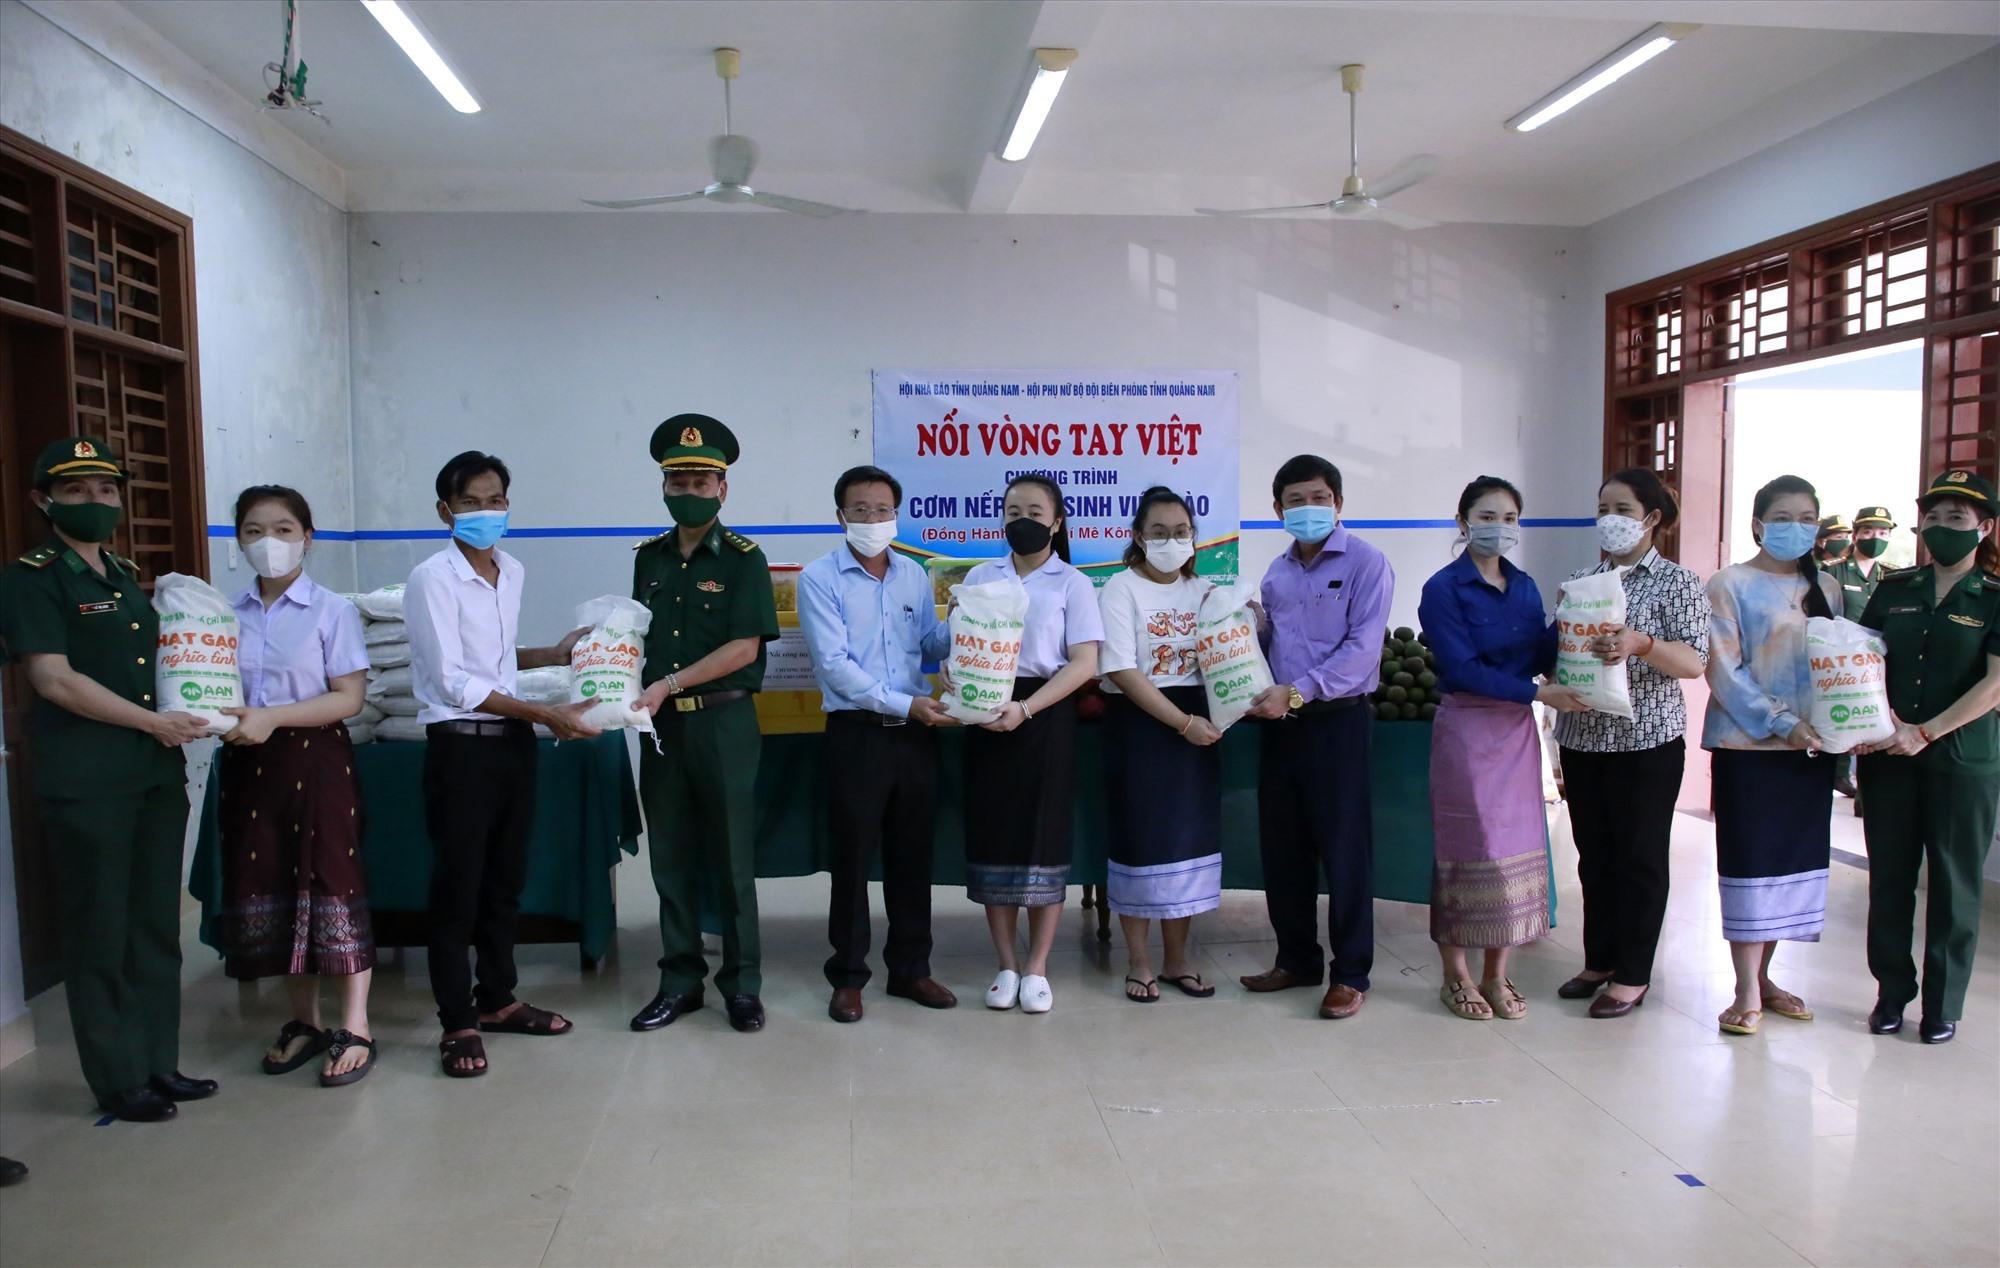 Đoàn công tác đã tặng 600kg gạo nếp, 300 kg trái cây tươi cùng gần 150 suất ăn cho các bạn sinh viên Lào trong sáng nay 9.10. Ảnh: T.C